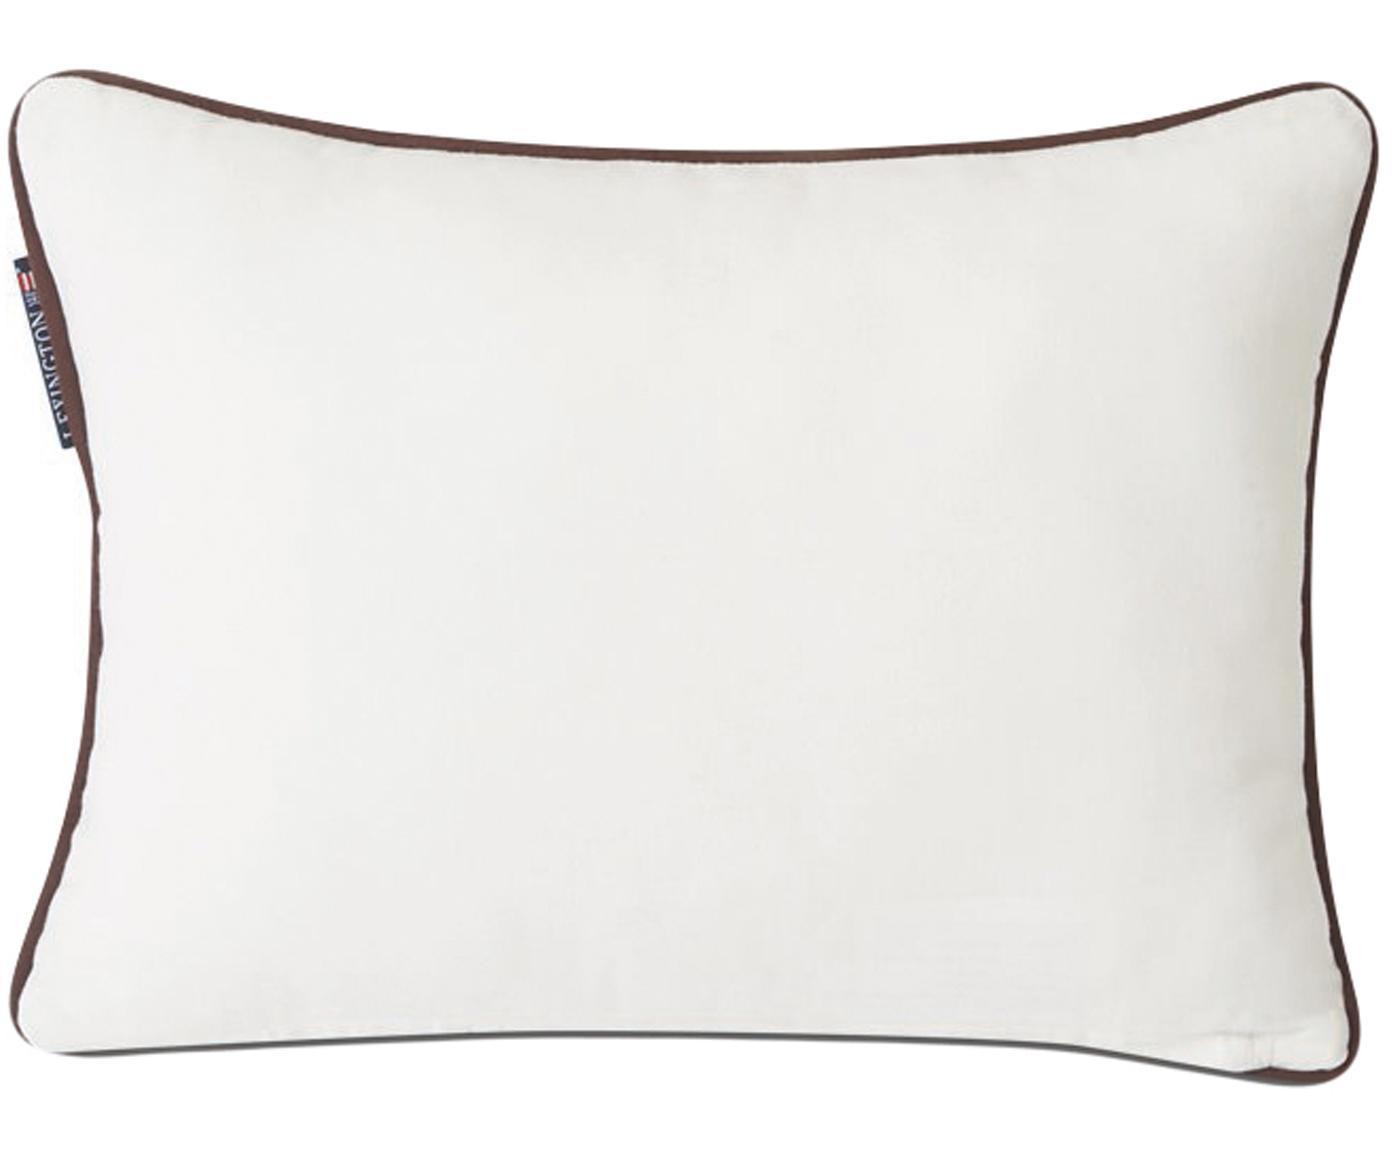 Kussenhoes Inga met bies en opschrift, Katoen, gerecycled polyester, Wit, bruin, 30 x 40 cm